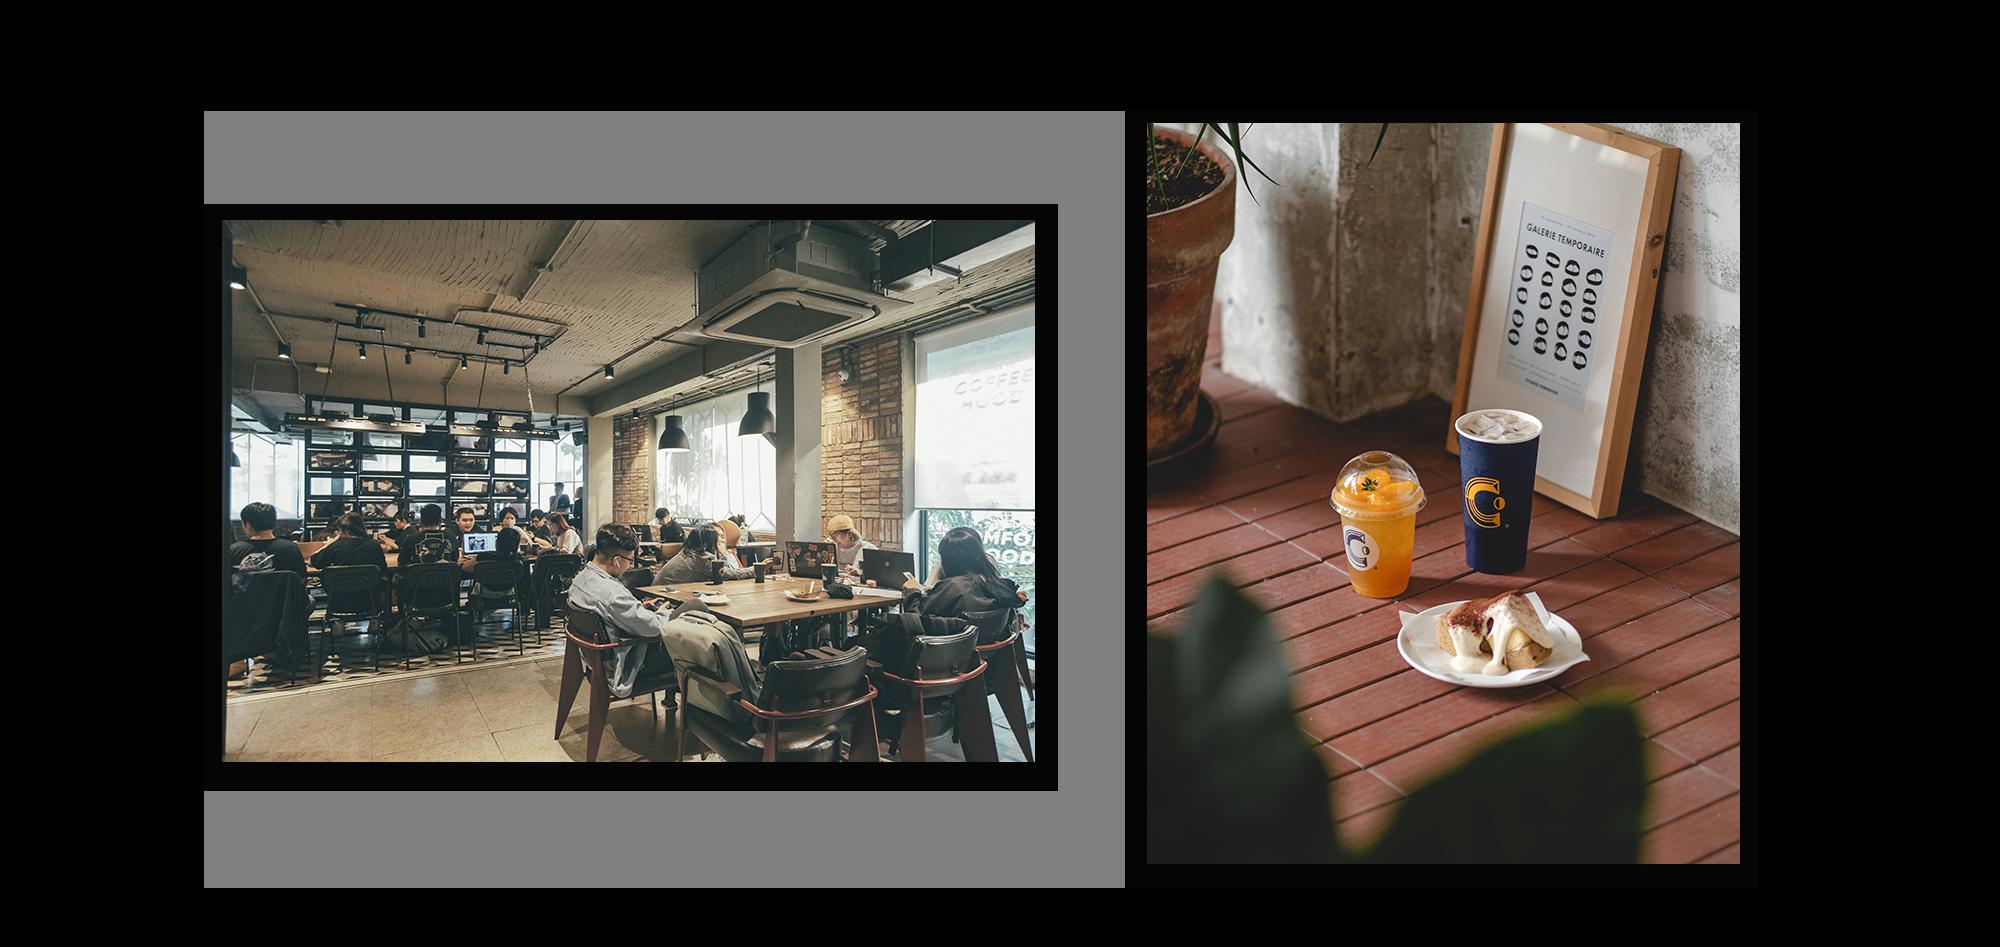 Chẳng ai ngờ một thương hiệu cafe trendy ở Sài Gòn lại đến từ 2 founder tay ngang - Ảnh 1.